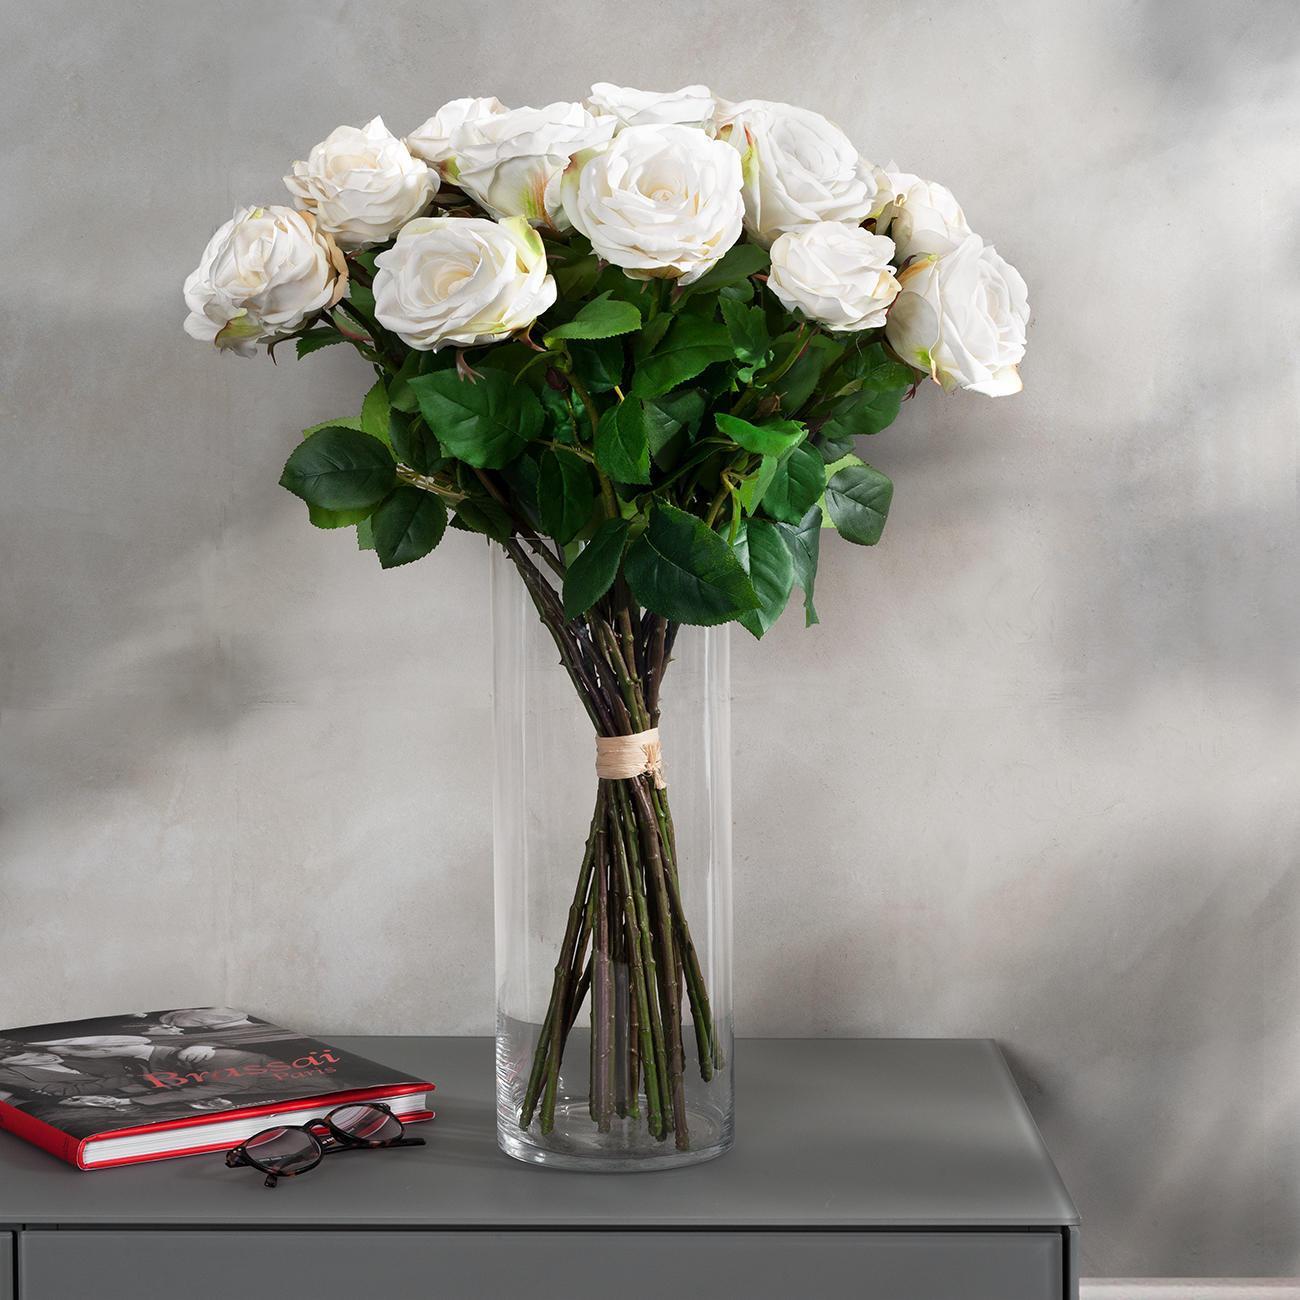 Rosenstrauß weiße Avalanche langstielige Rosen, naturgetreu, Kunstblume